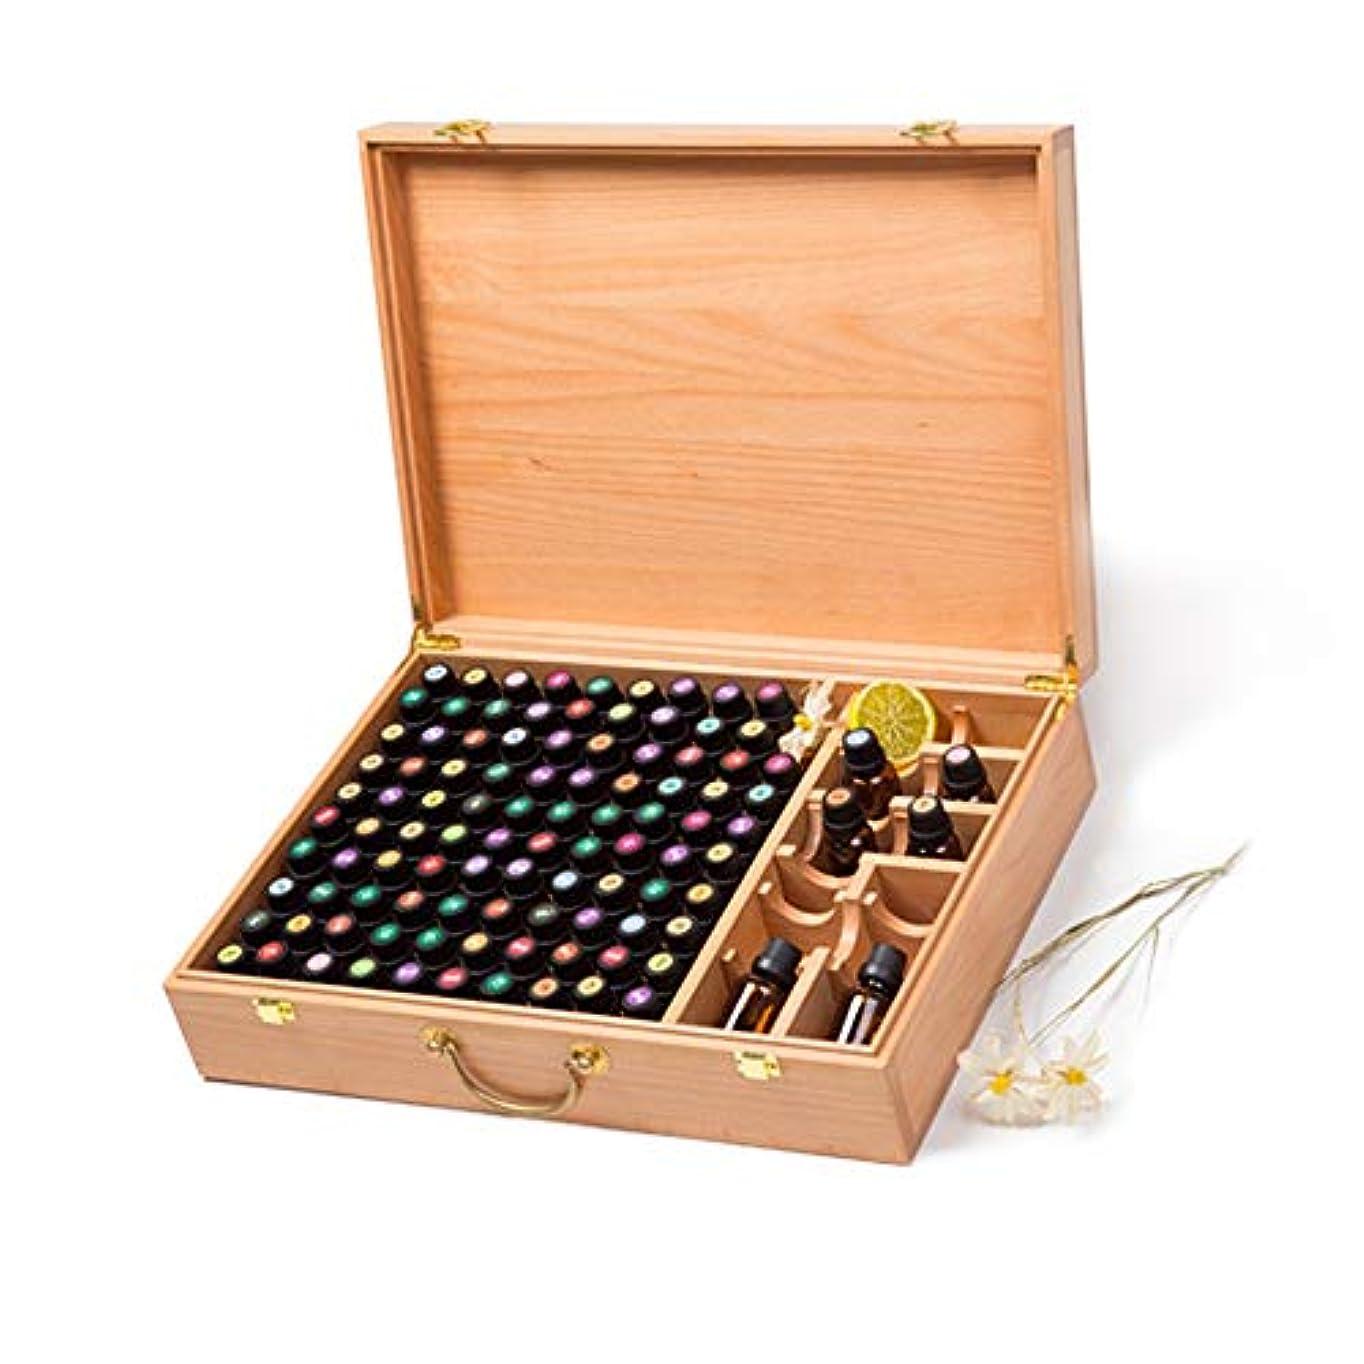 再編成するクレア鋼精油ケース 手作りの木製エッセンシャルオイルハンドル付きストレージボックスパーフェクトエッセンシャルオイルケースが100の油のボトルを保持します 携帯便利 (色 : Natural, サイズ : 44X31.5X10.5CM)